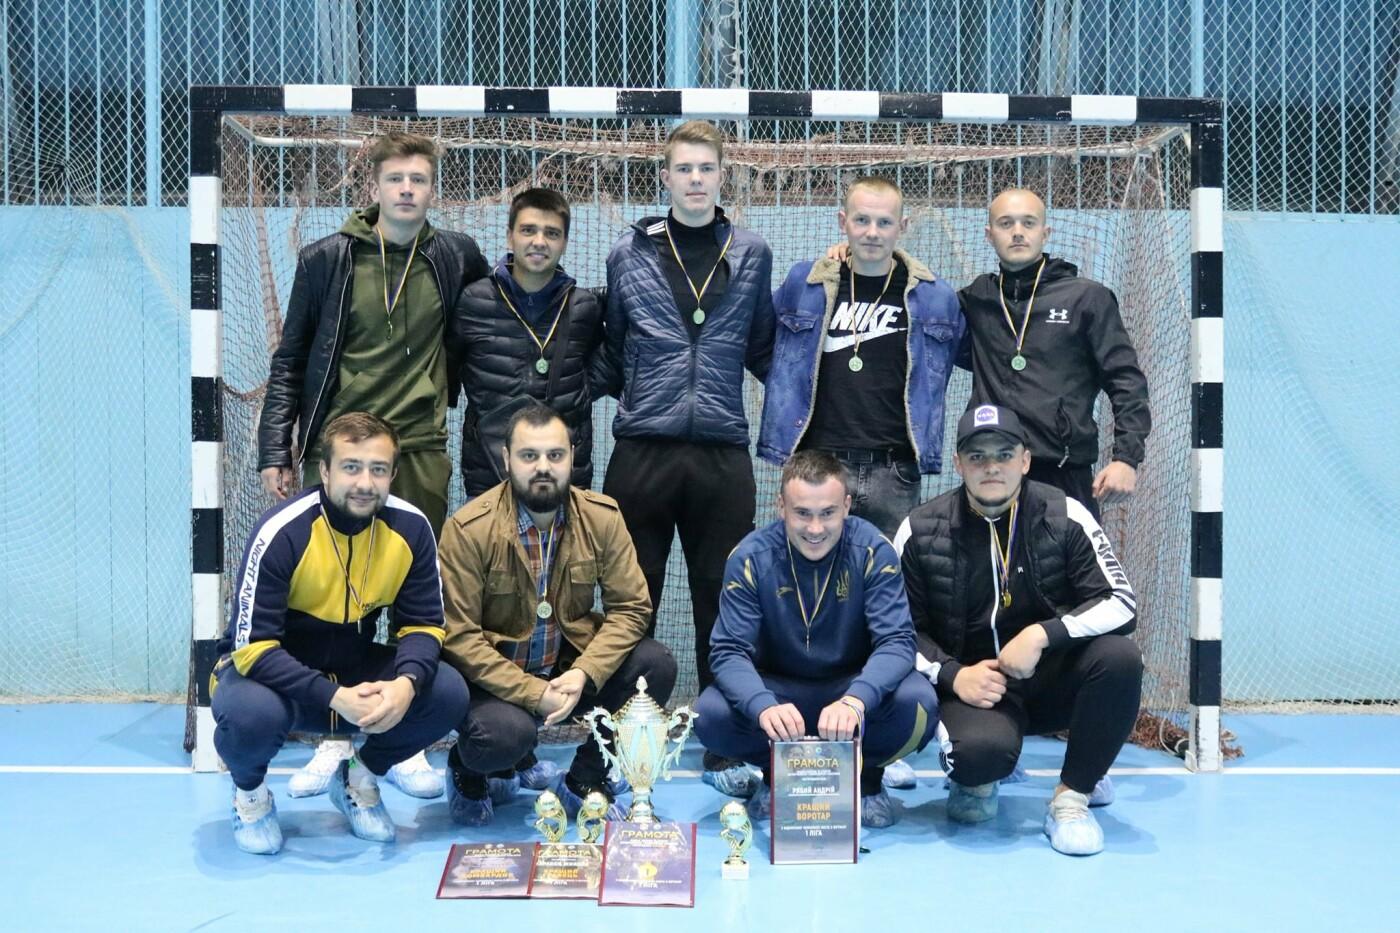 У Кам'янці вперше проходив чемпіонат з футболу серед любителів та професіоналів, фото-3